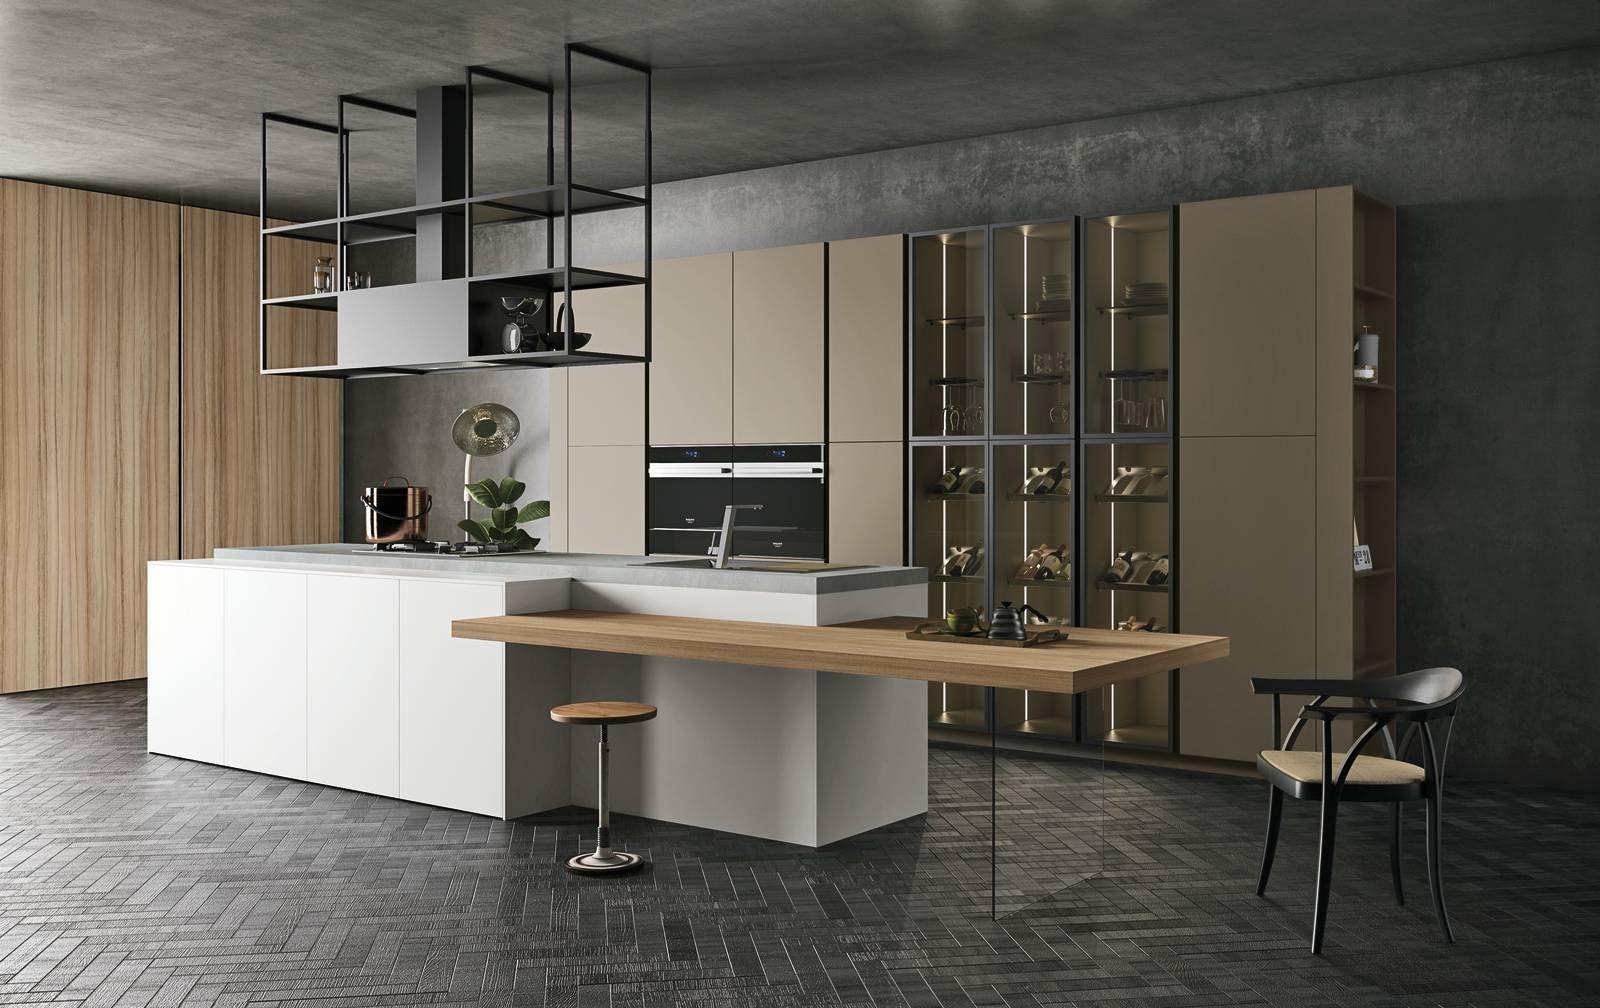 Beautiful style di doimo cucine la cucina con isola che ha le ante in melaminico monocolore with - Cucine con isola ...